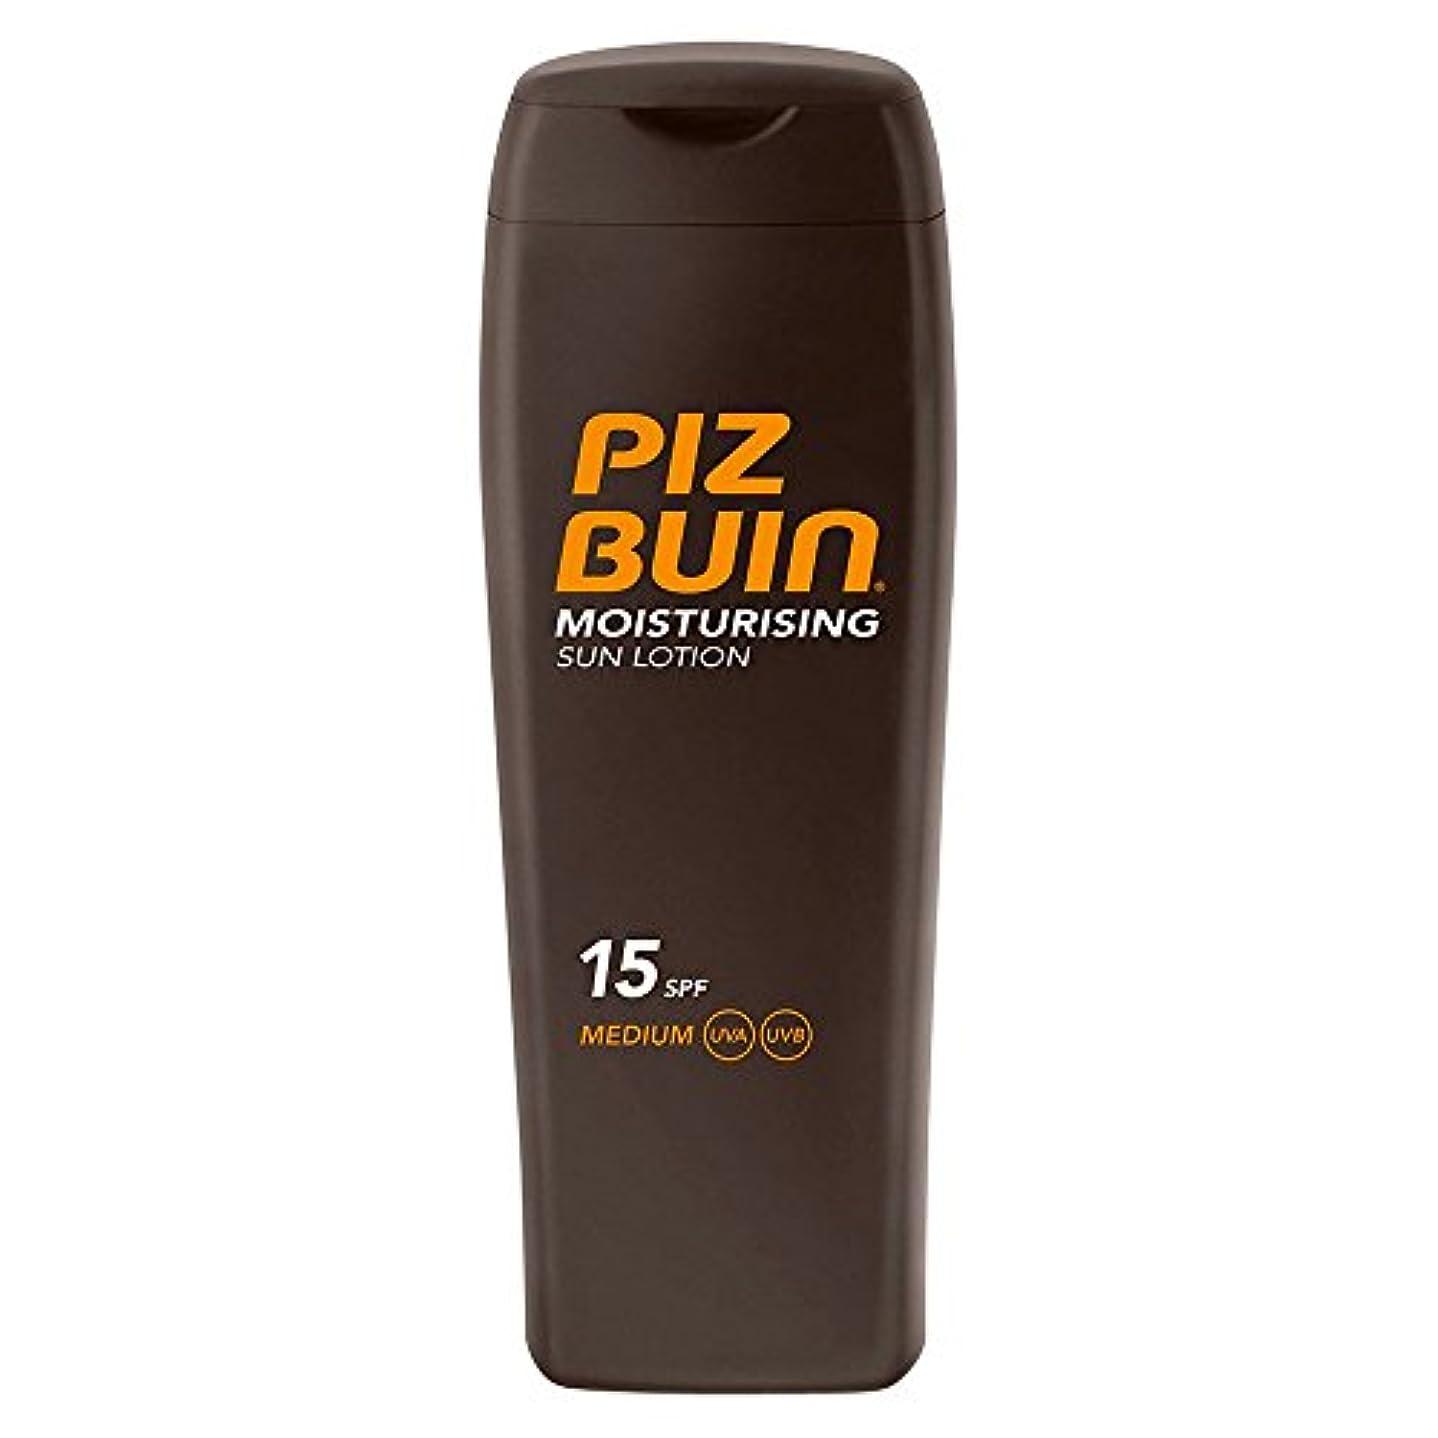 遅い強度激怒日ローションSpf15の200ミリリットル中ピッツのブイン (Piz Buin) (x6) - Piz Buin In Sun Lotion SPF15 200ml (Pack of 6) [並行輸入品]